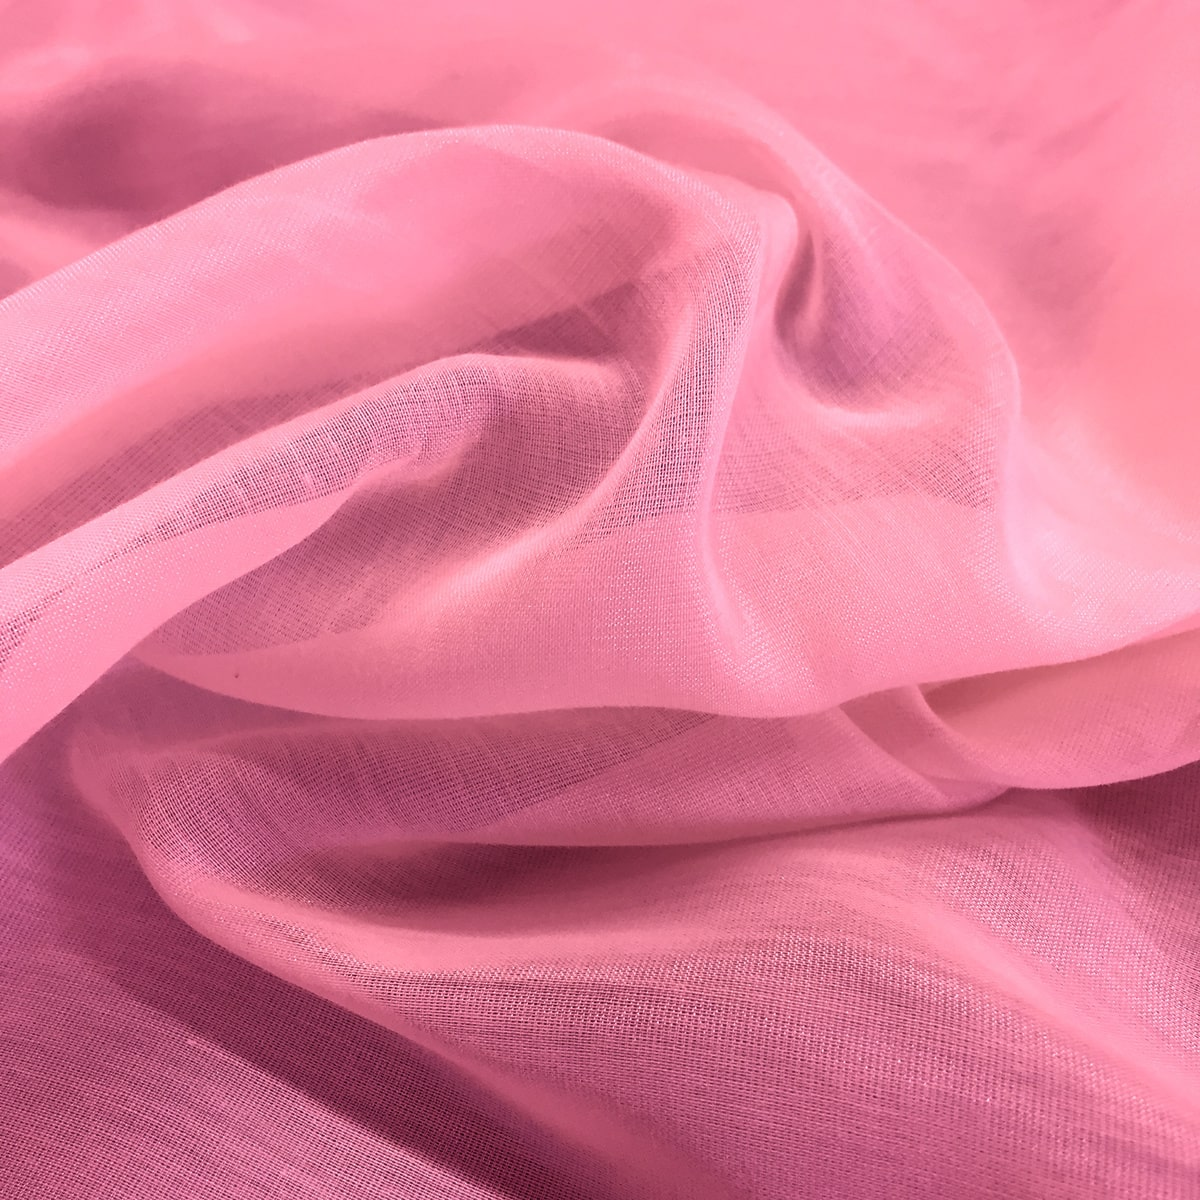 Ткань муслин - натуральная или нет? Свойства, достоинства и недостатки, отзывы покупателей